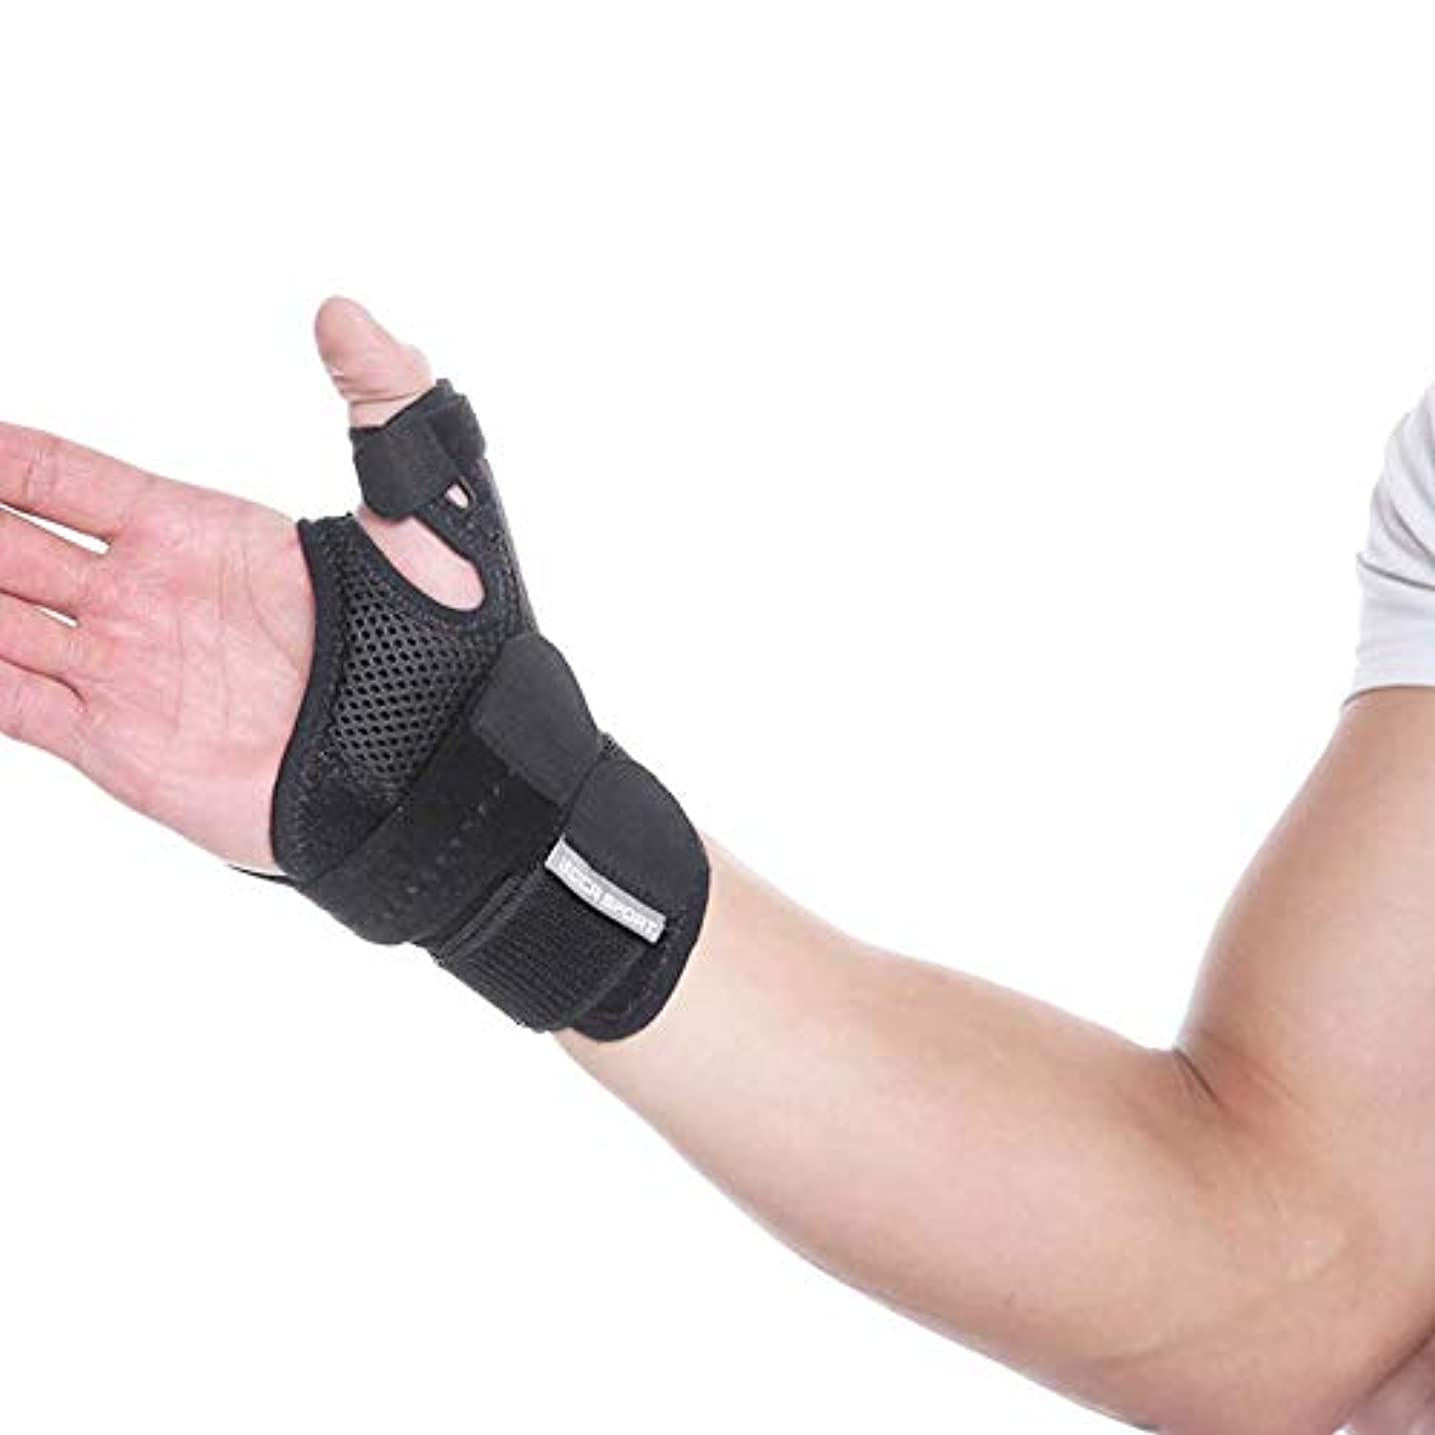 フラグラント現実倒錯関節炎サムスプリント - 痛み、捻挫、株、関節炎、手根管&トリガー親指固定用親指スピカサポートブレース - リストストラップ